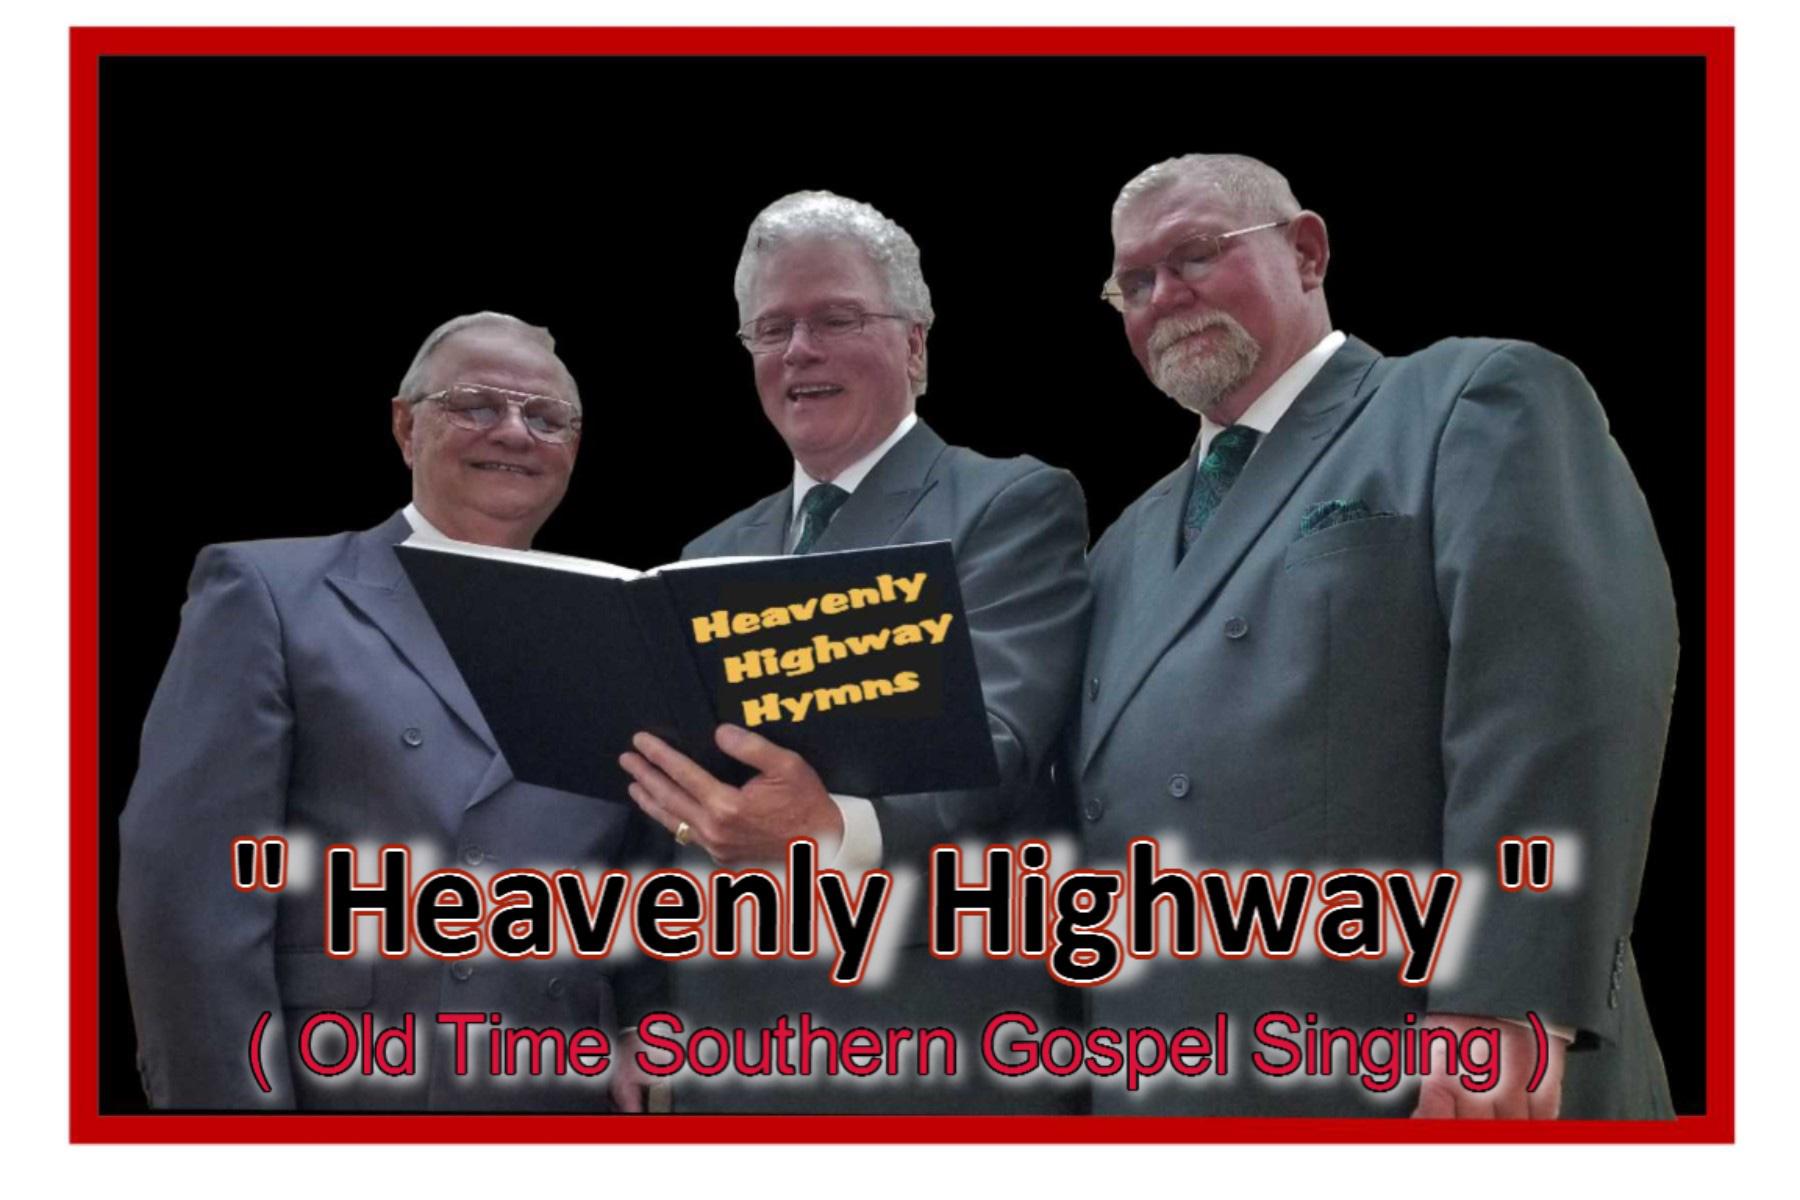 HEAVENLY HIGHWAY